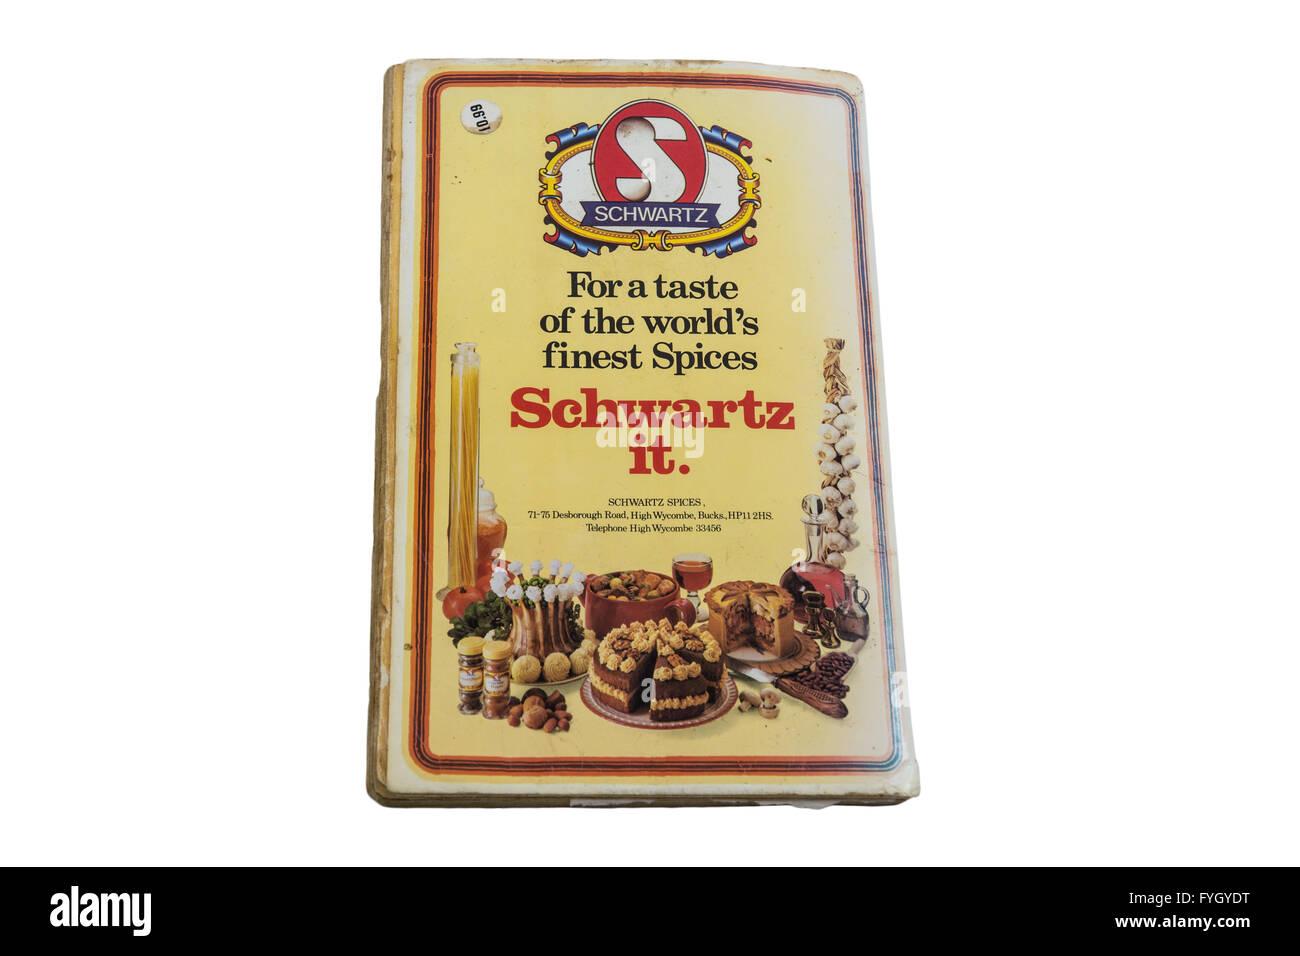 Schwartz scrap book - Stock Image